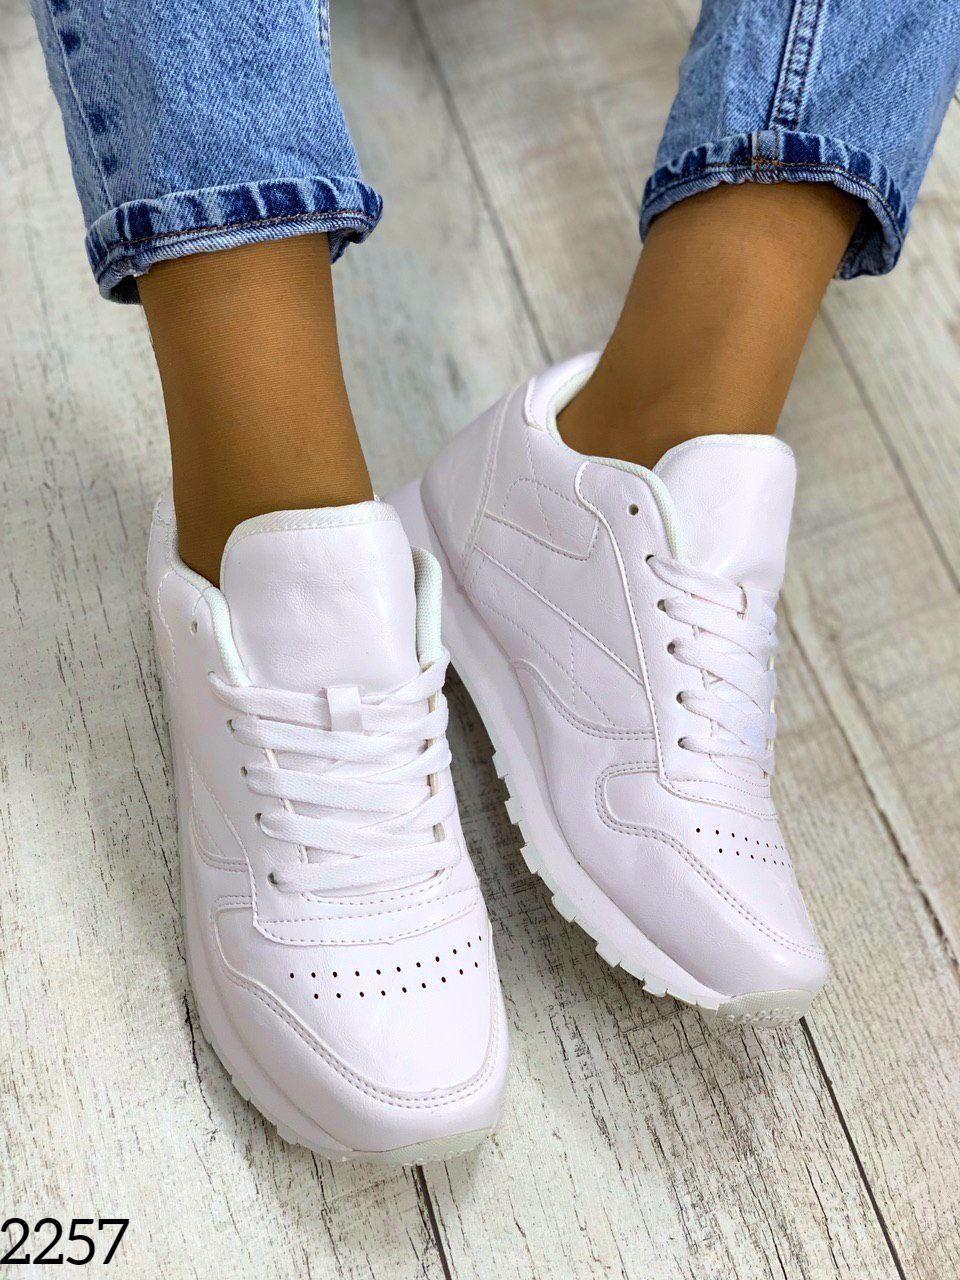 ХИТ ПРОДАЖ!! Кроссовки женские белые и черные. Арт.2257